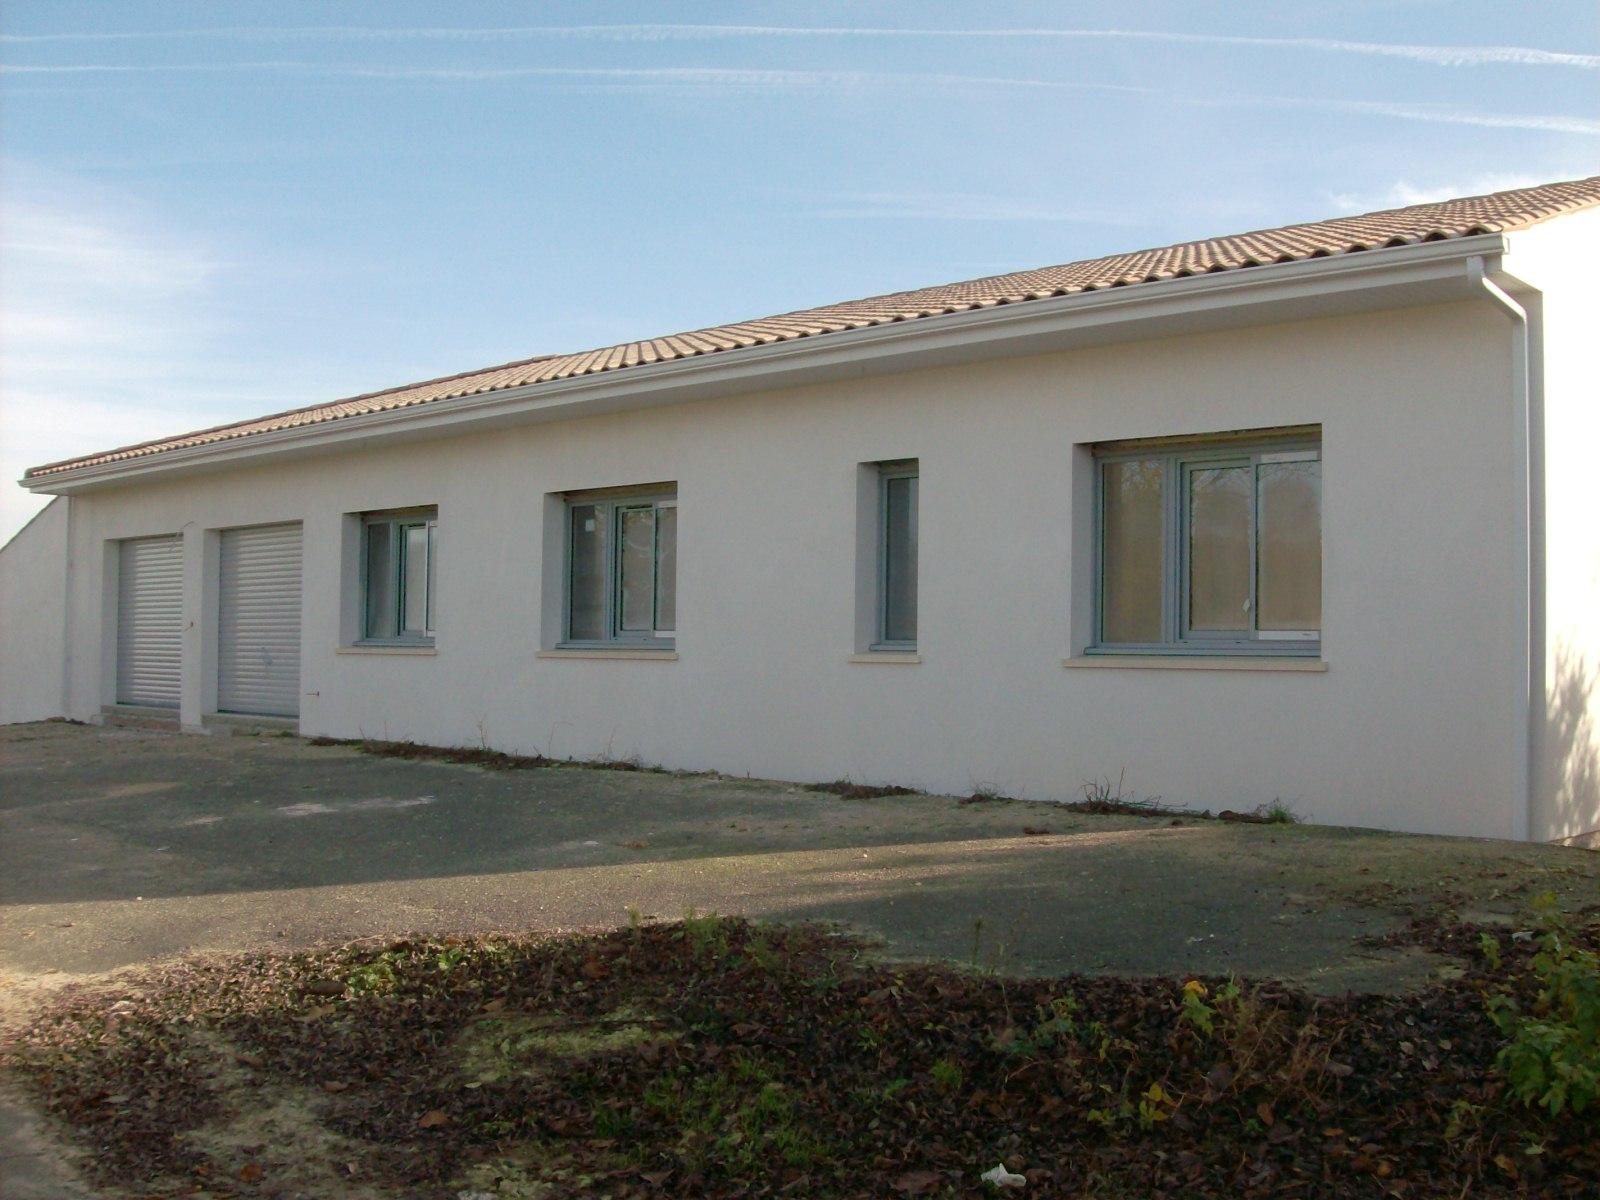 Chantier lara sur st nazaire 001 maisons lara for Constructeur maison individuelle 17000